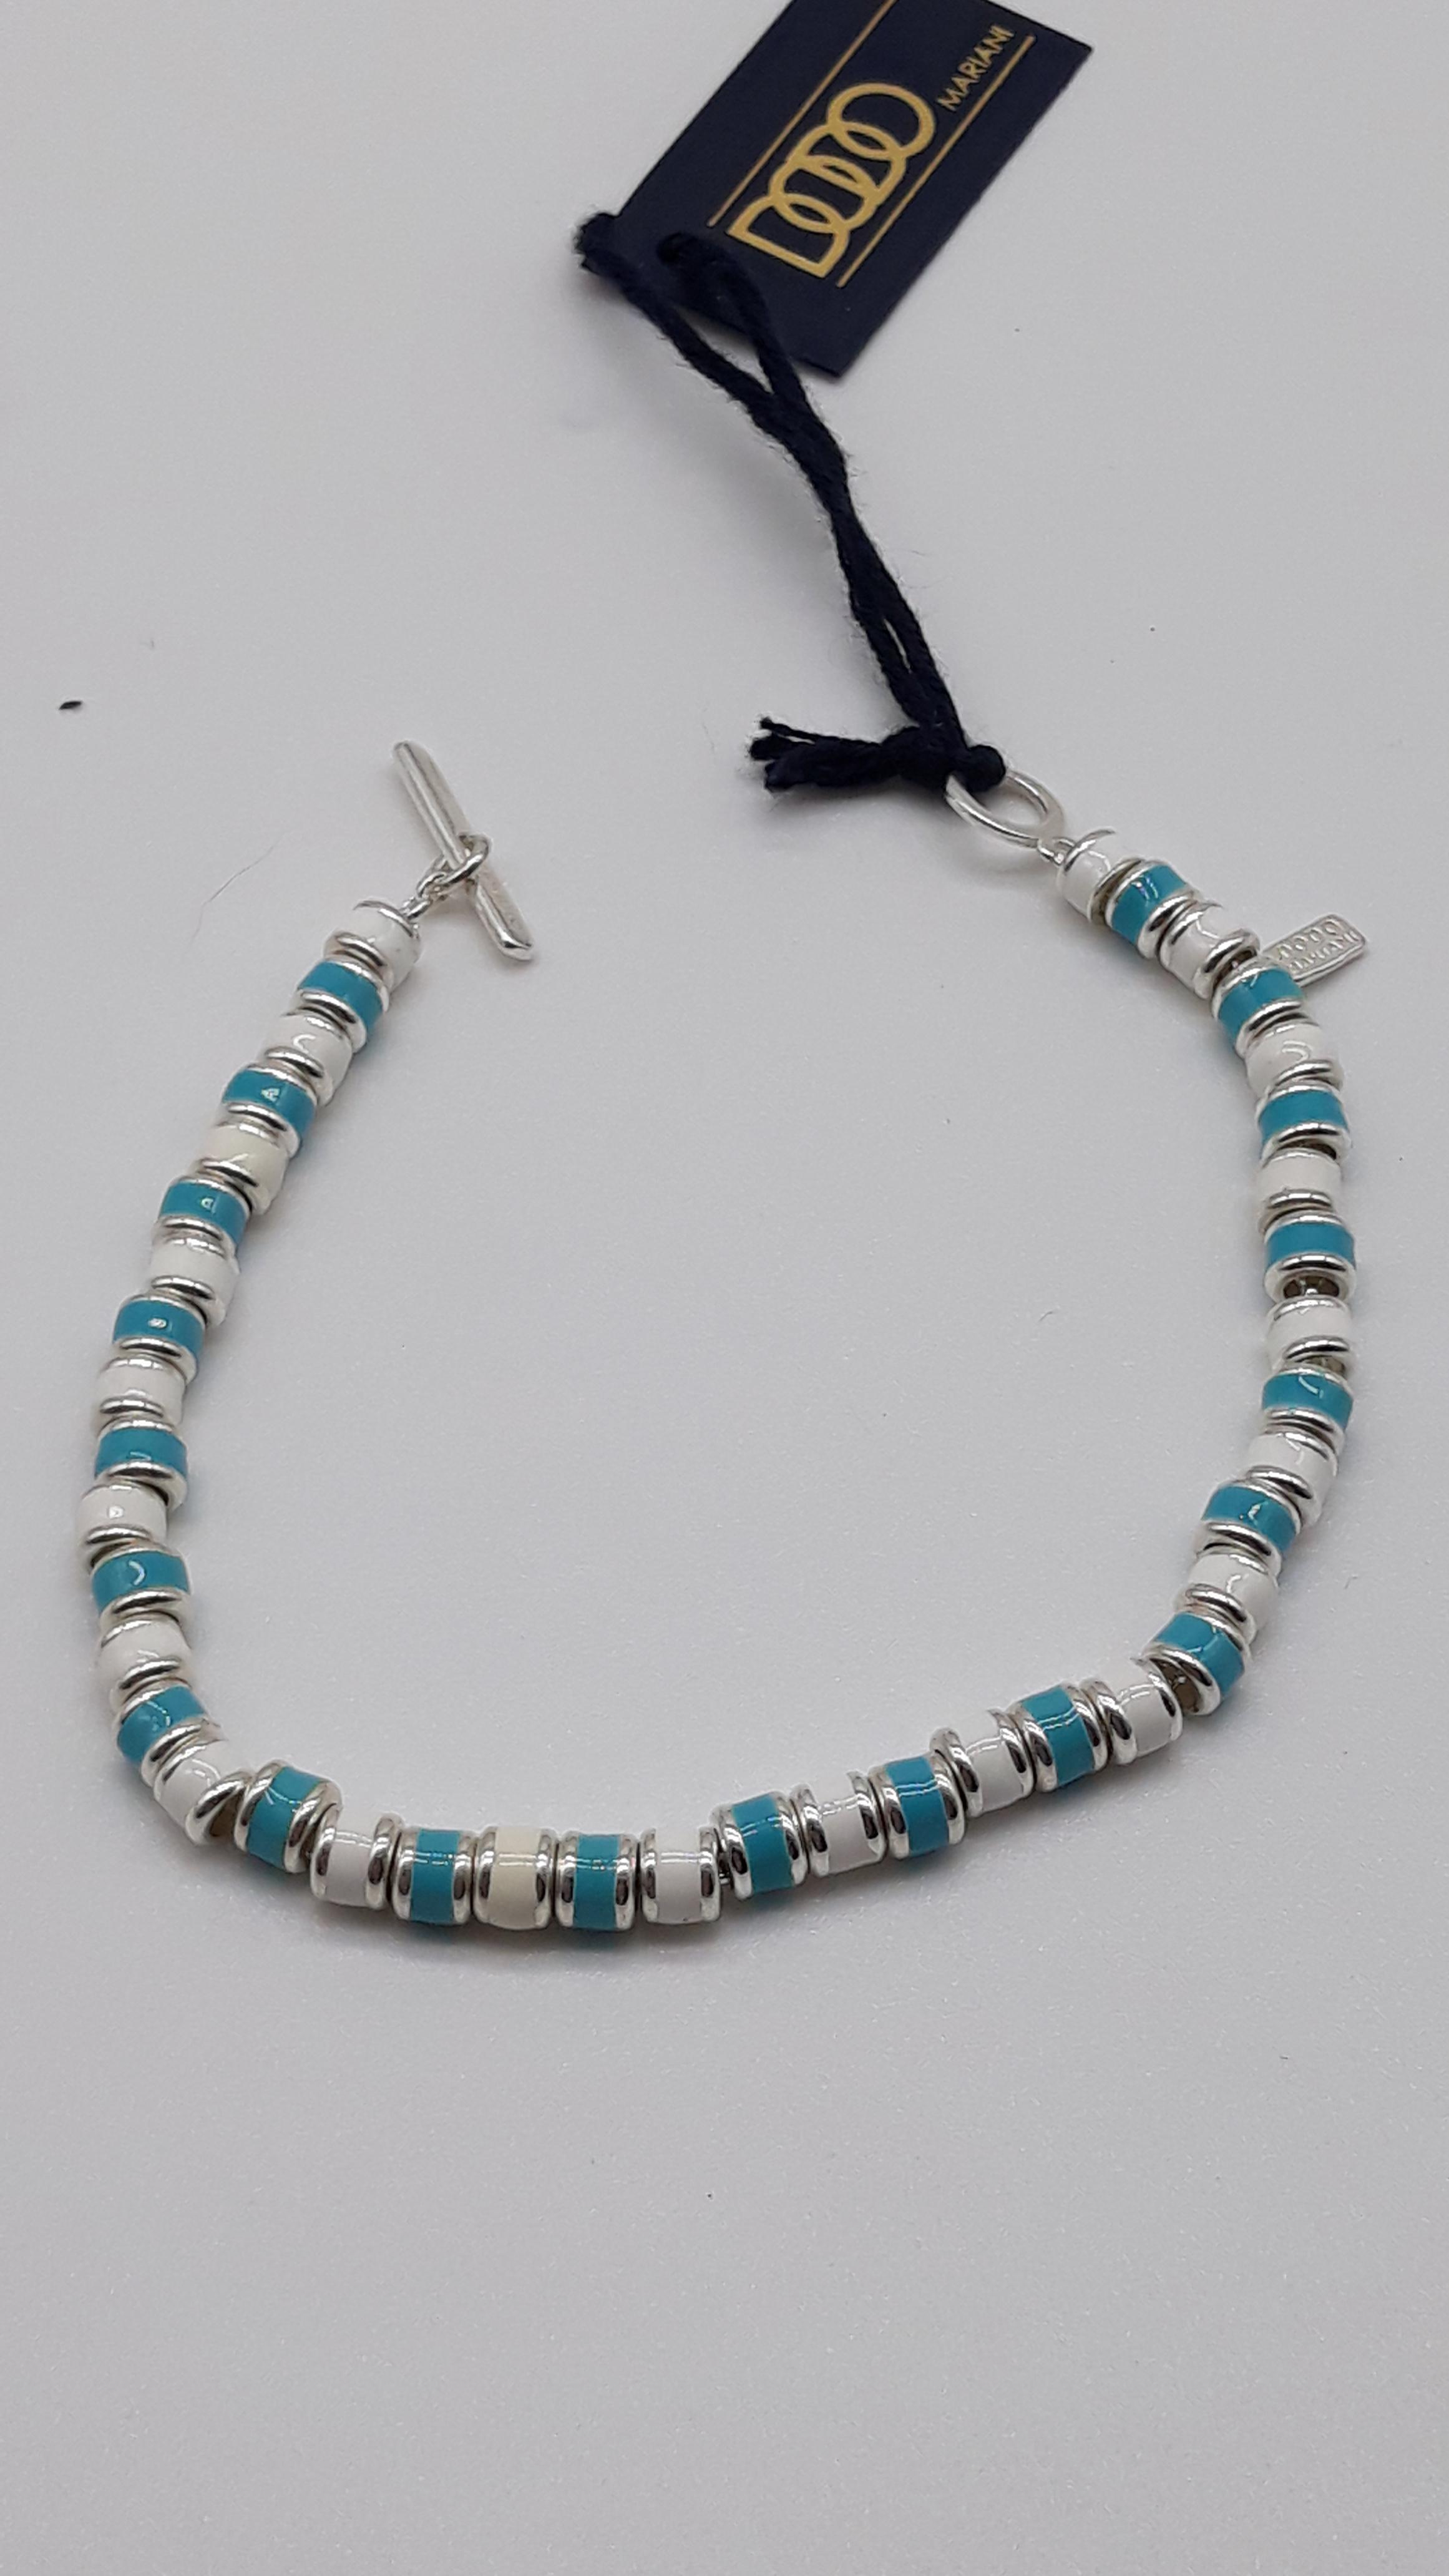 Bracciale DoDo Mariani conchiglie smaltate azzurre bianche, vendita on line | Oreficeria Bruni Imperia